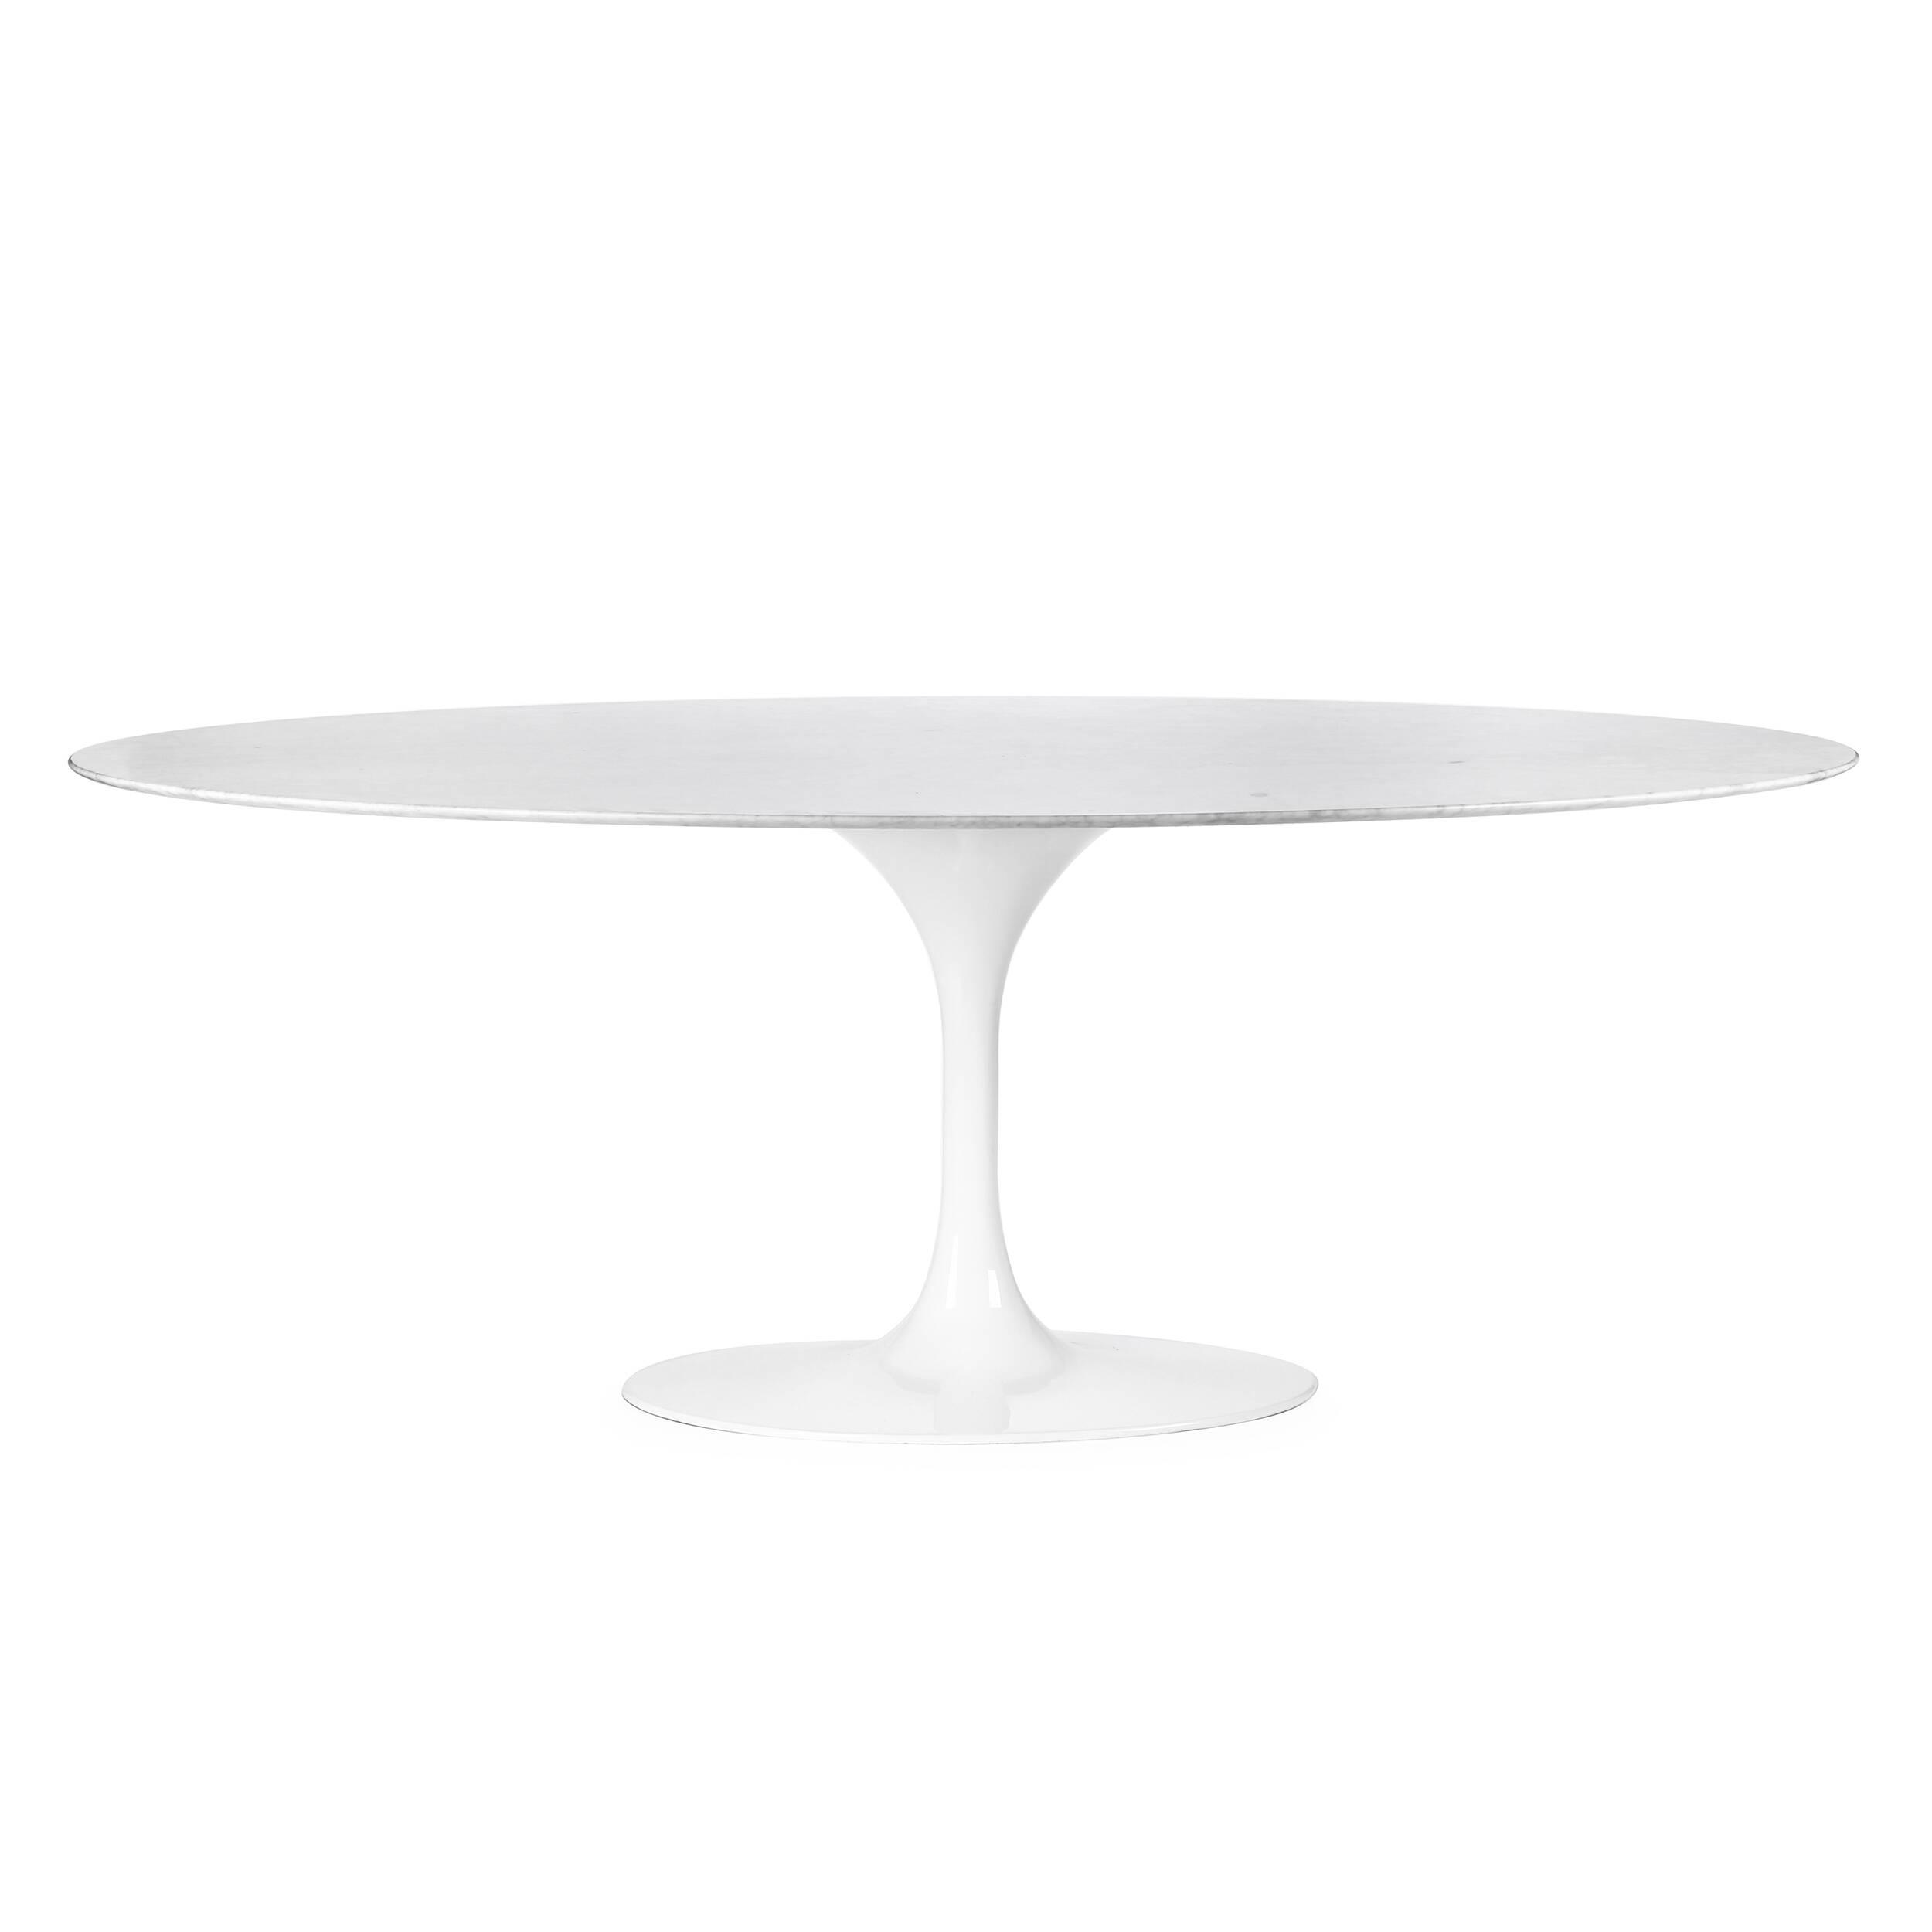 Обеденный стол Tulip овальныйОбеденные<br>Дизайнерская широкий глянцевый обеденный стол Tulip (Тулип) овальный на одной ножке с гранитной столешницей от Cosmo (Космо).У каждого знаменитого дизайнера прошлого столетия есть своя «формула вечного дизайна», а значит, есть и произведения дизайнерского искусства, которые уже много лет не выходят из моды, не теряют своей актуальности и востребованы по сей день. Стол Tulip как раз был разработан при помощи такой формулы, которую вывел Ээро Сааринен. Изящная ножка-тюльпан и круглая столешница...<br><br>stock: 0<br>Высота: 72<br>Ширина: 196<br>Диаметр: 122<br>Цвет ножек: Белый глянец<br>Цвет столешницы: Белый<br>Материал столешницы: Мрамор итальянский<br>Тип материала столешницы: Мрамор<br>Тип материала ножек: Алюминий